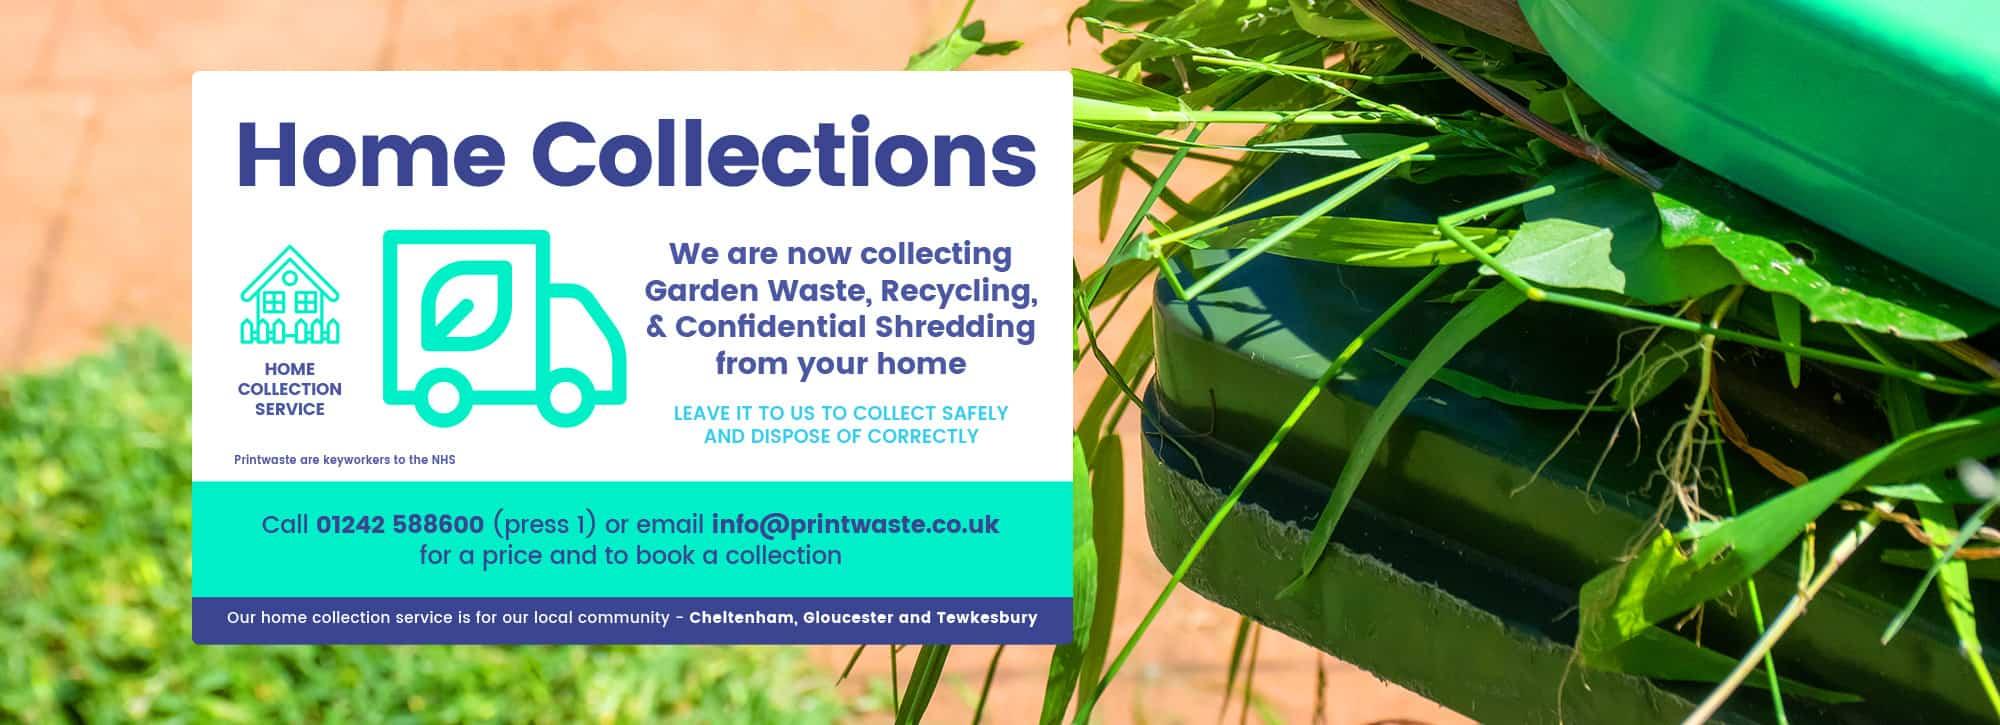 home-collection-service-garden